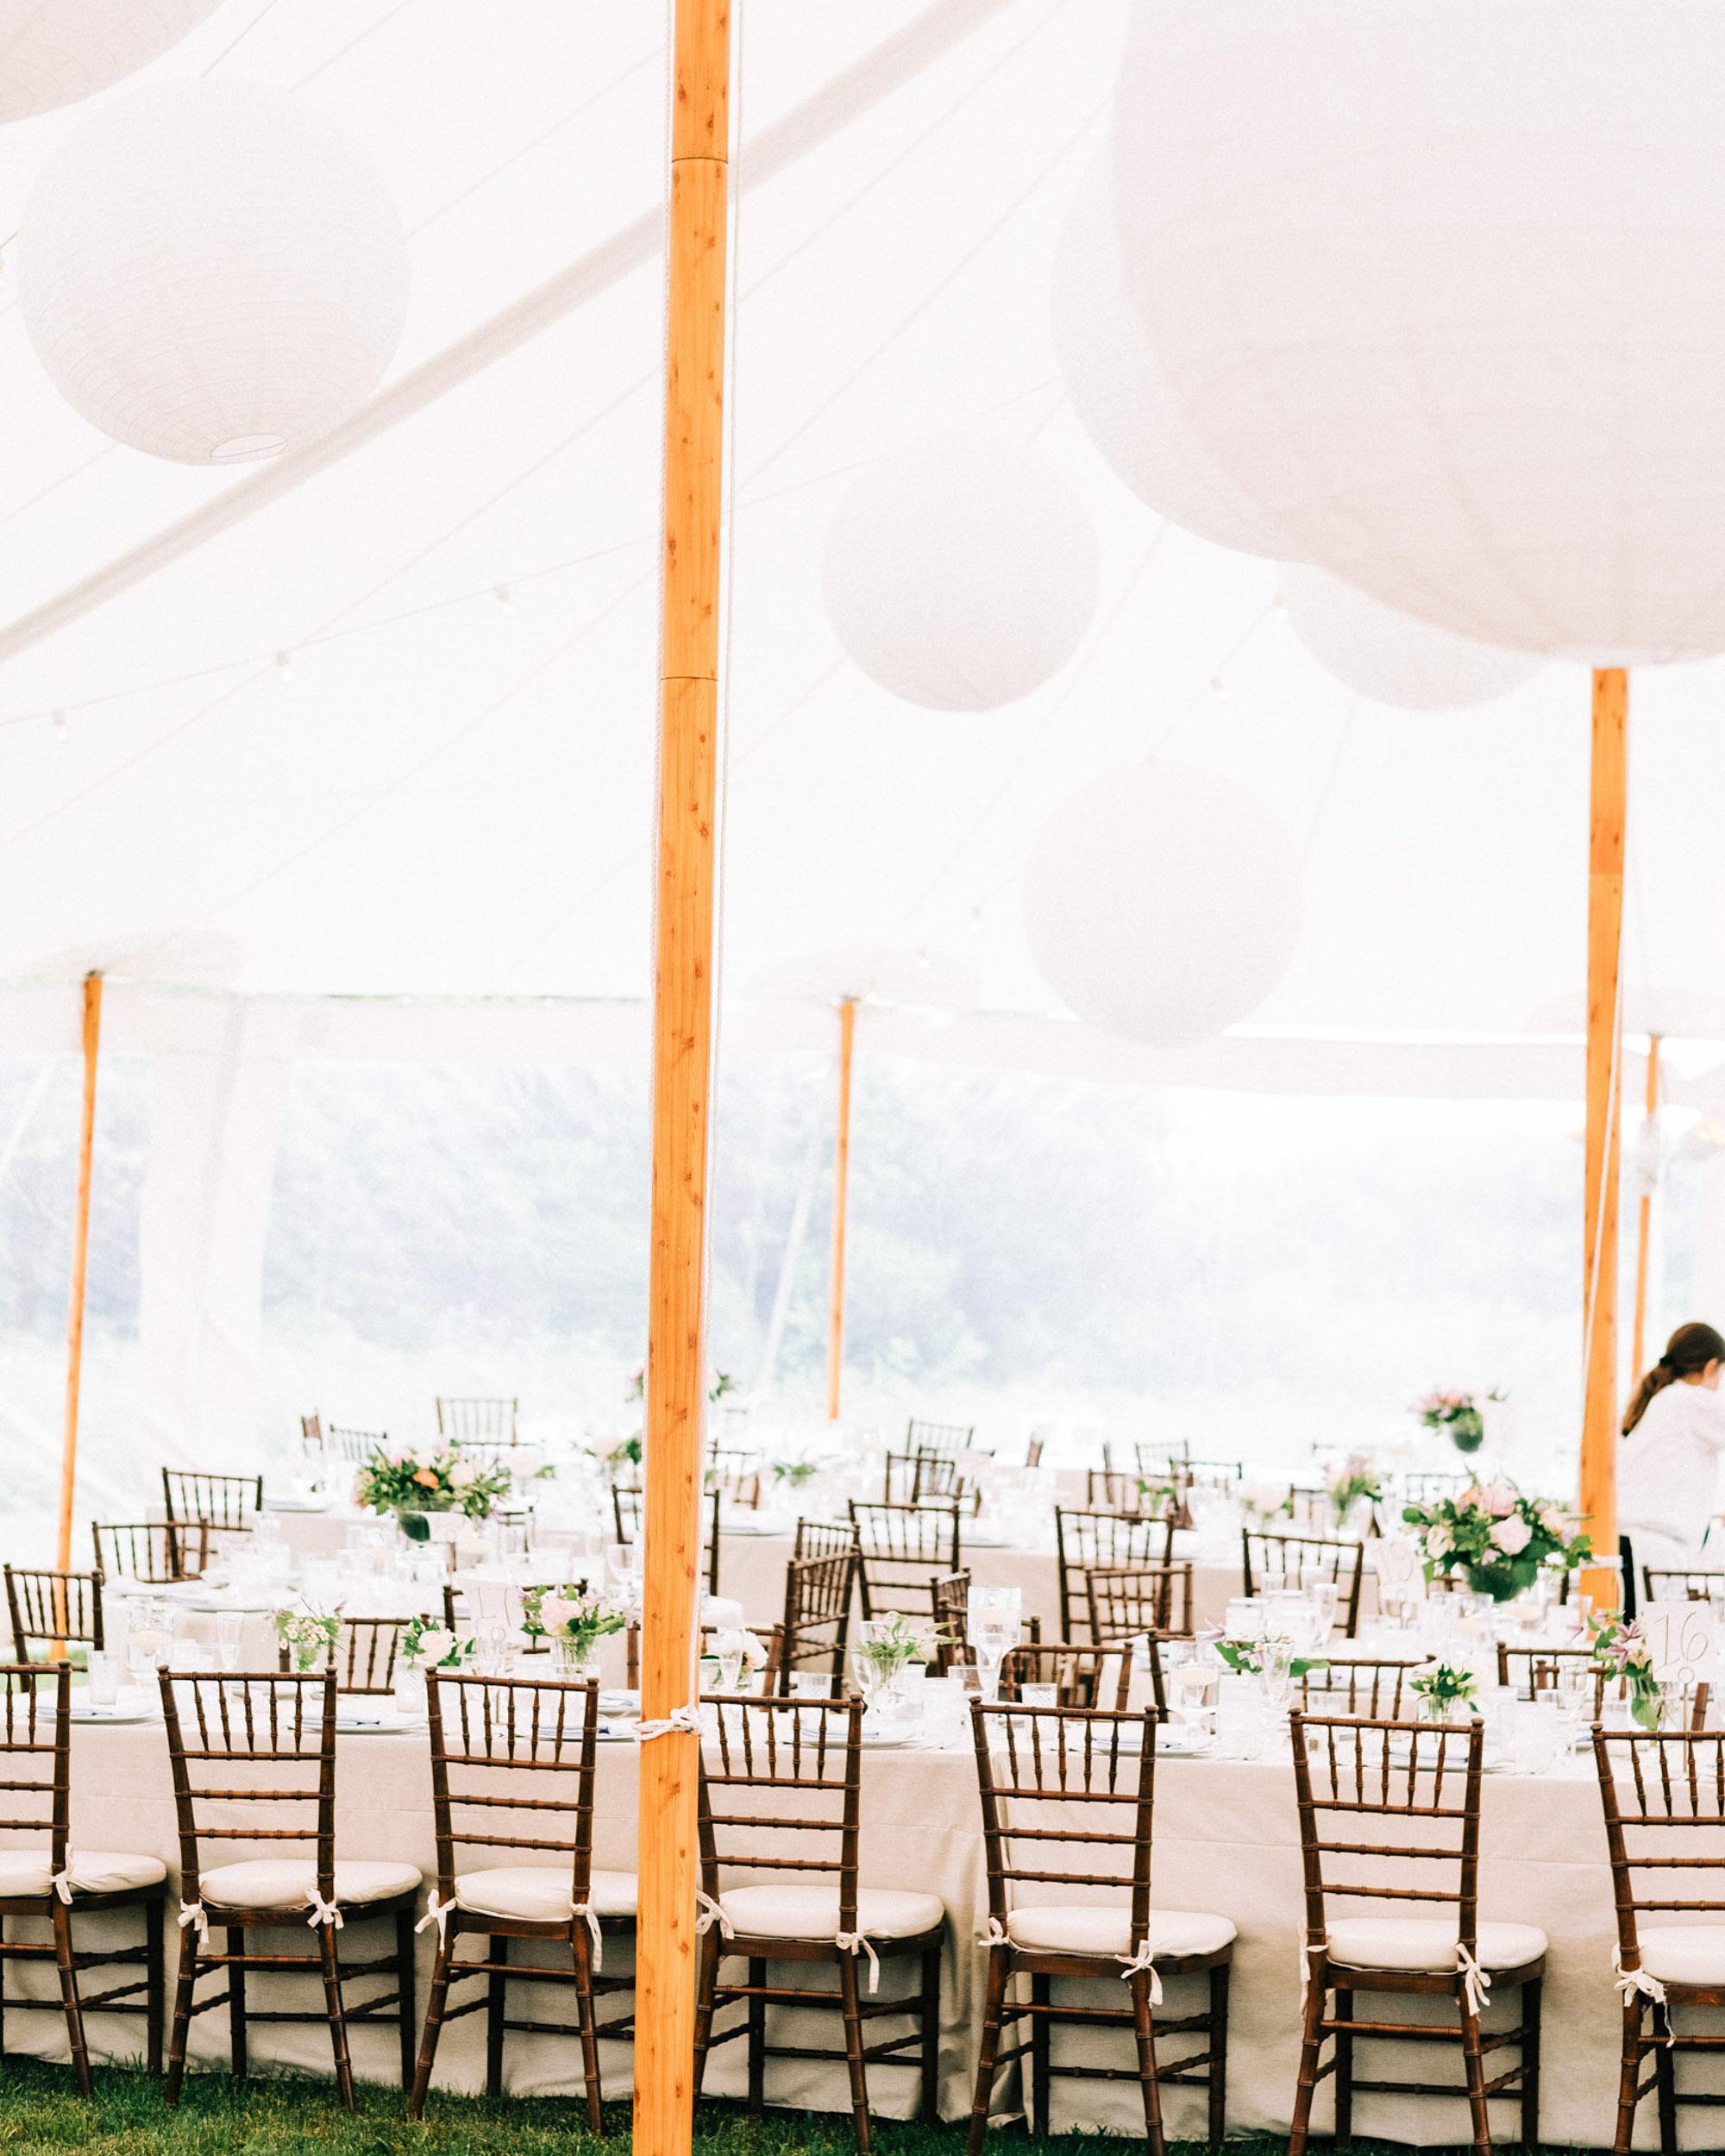 Shelter Island Wedding Photographer 0018 - Shelter Island